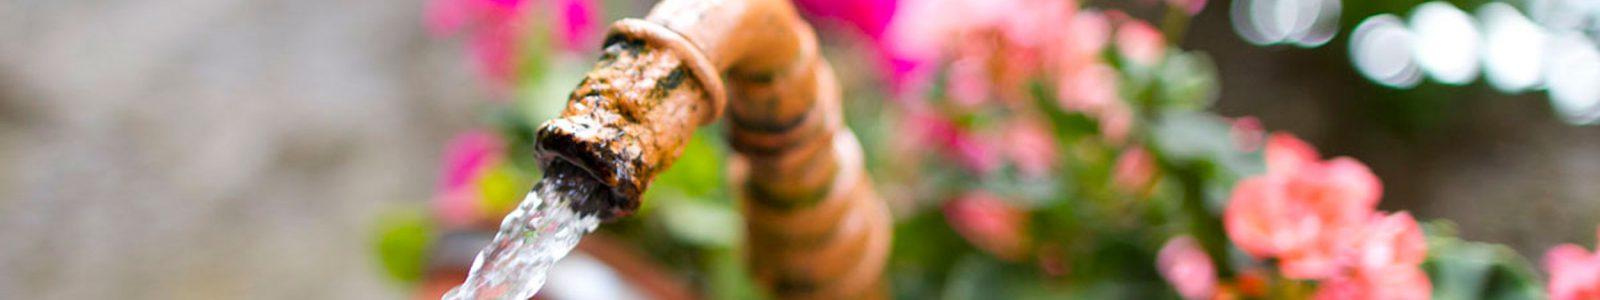 Dorfbrunnen_Wasser